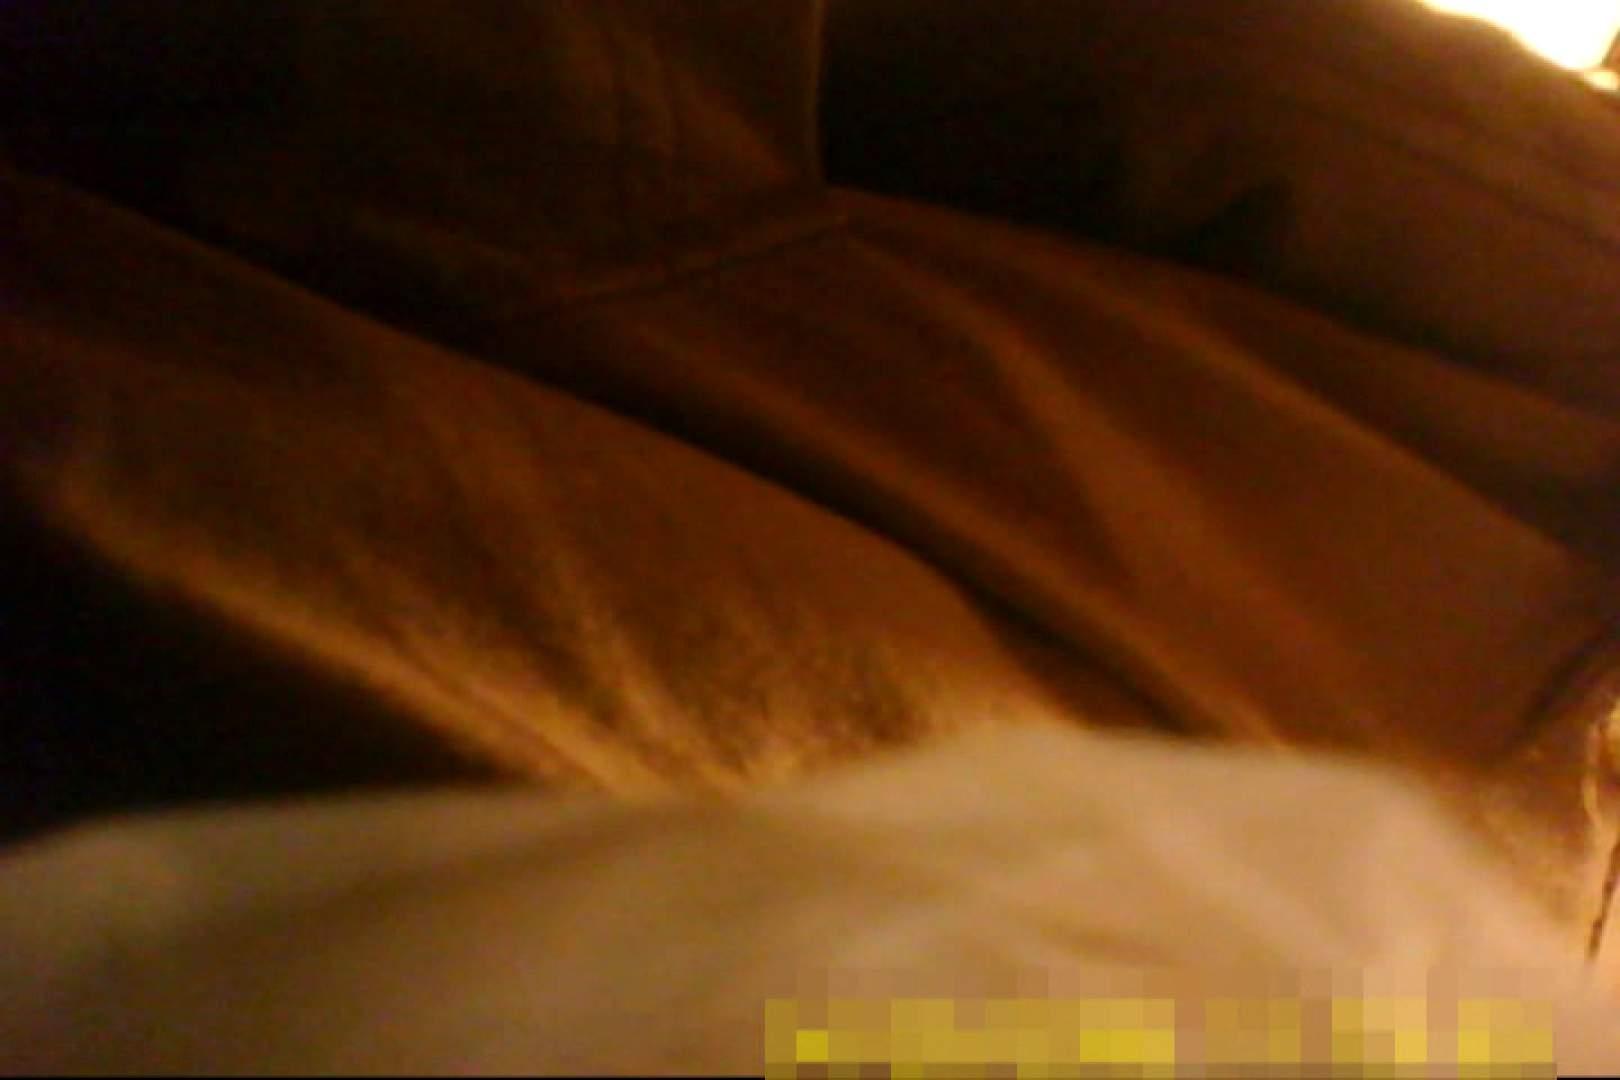 魅惑の化粧室~禁断のプライベート空間~vol.8 熟女のエッチ | プライベート  63pic 45